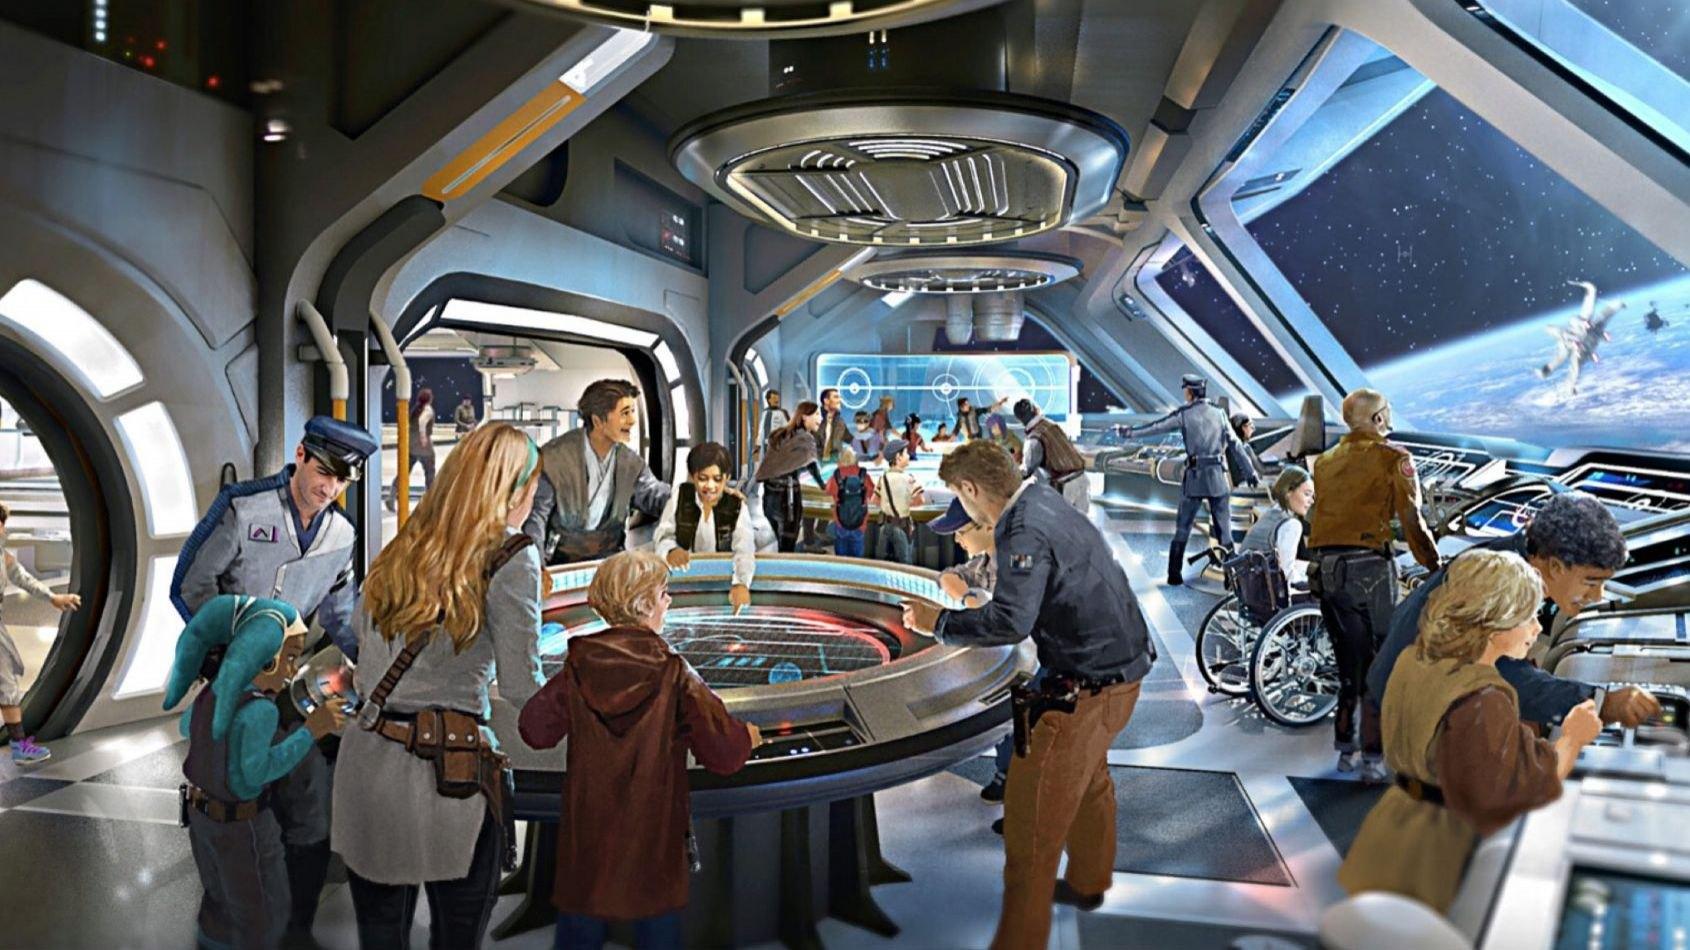 De nouvelles informations sur le Galaxy's Edge et son hôtel